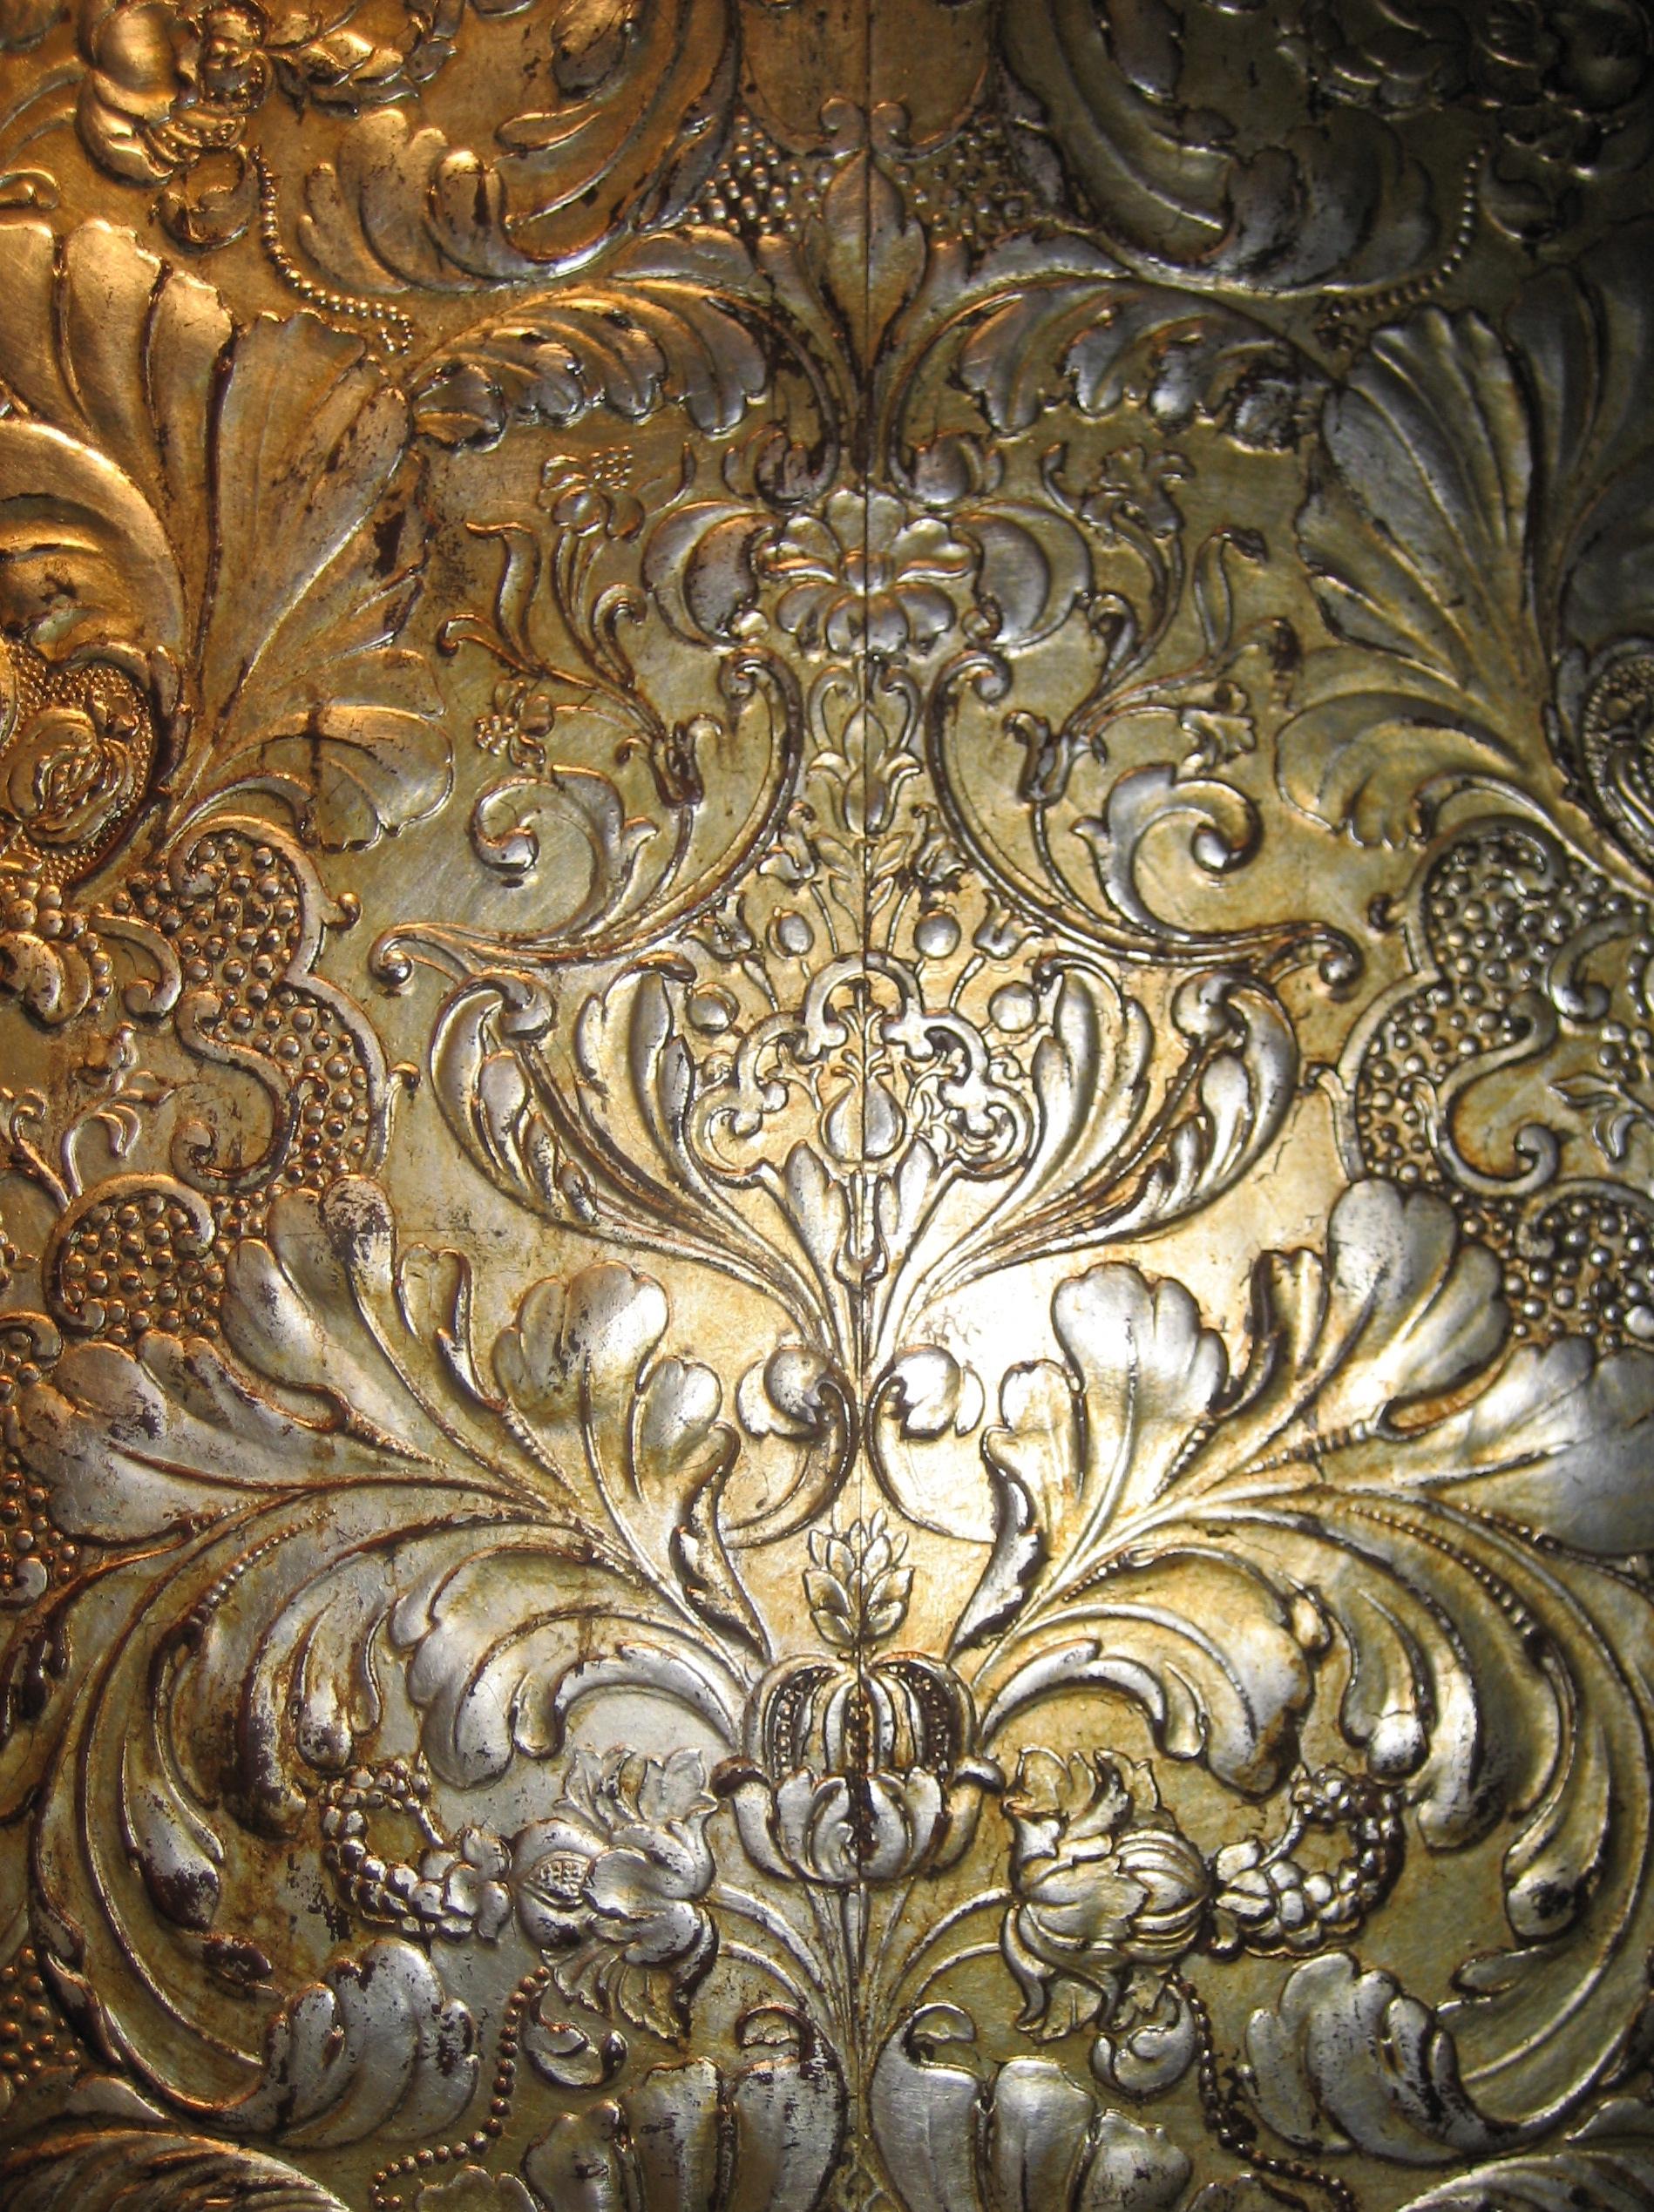 Detail of glivering